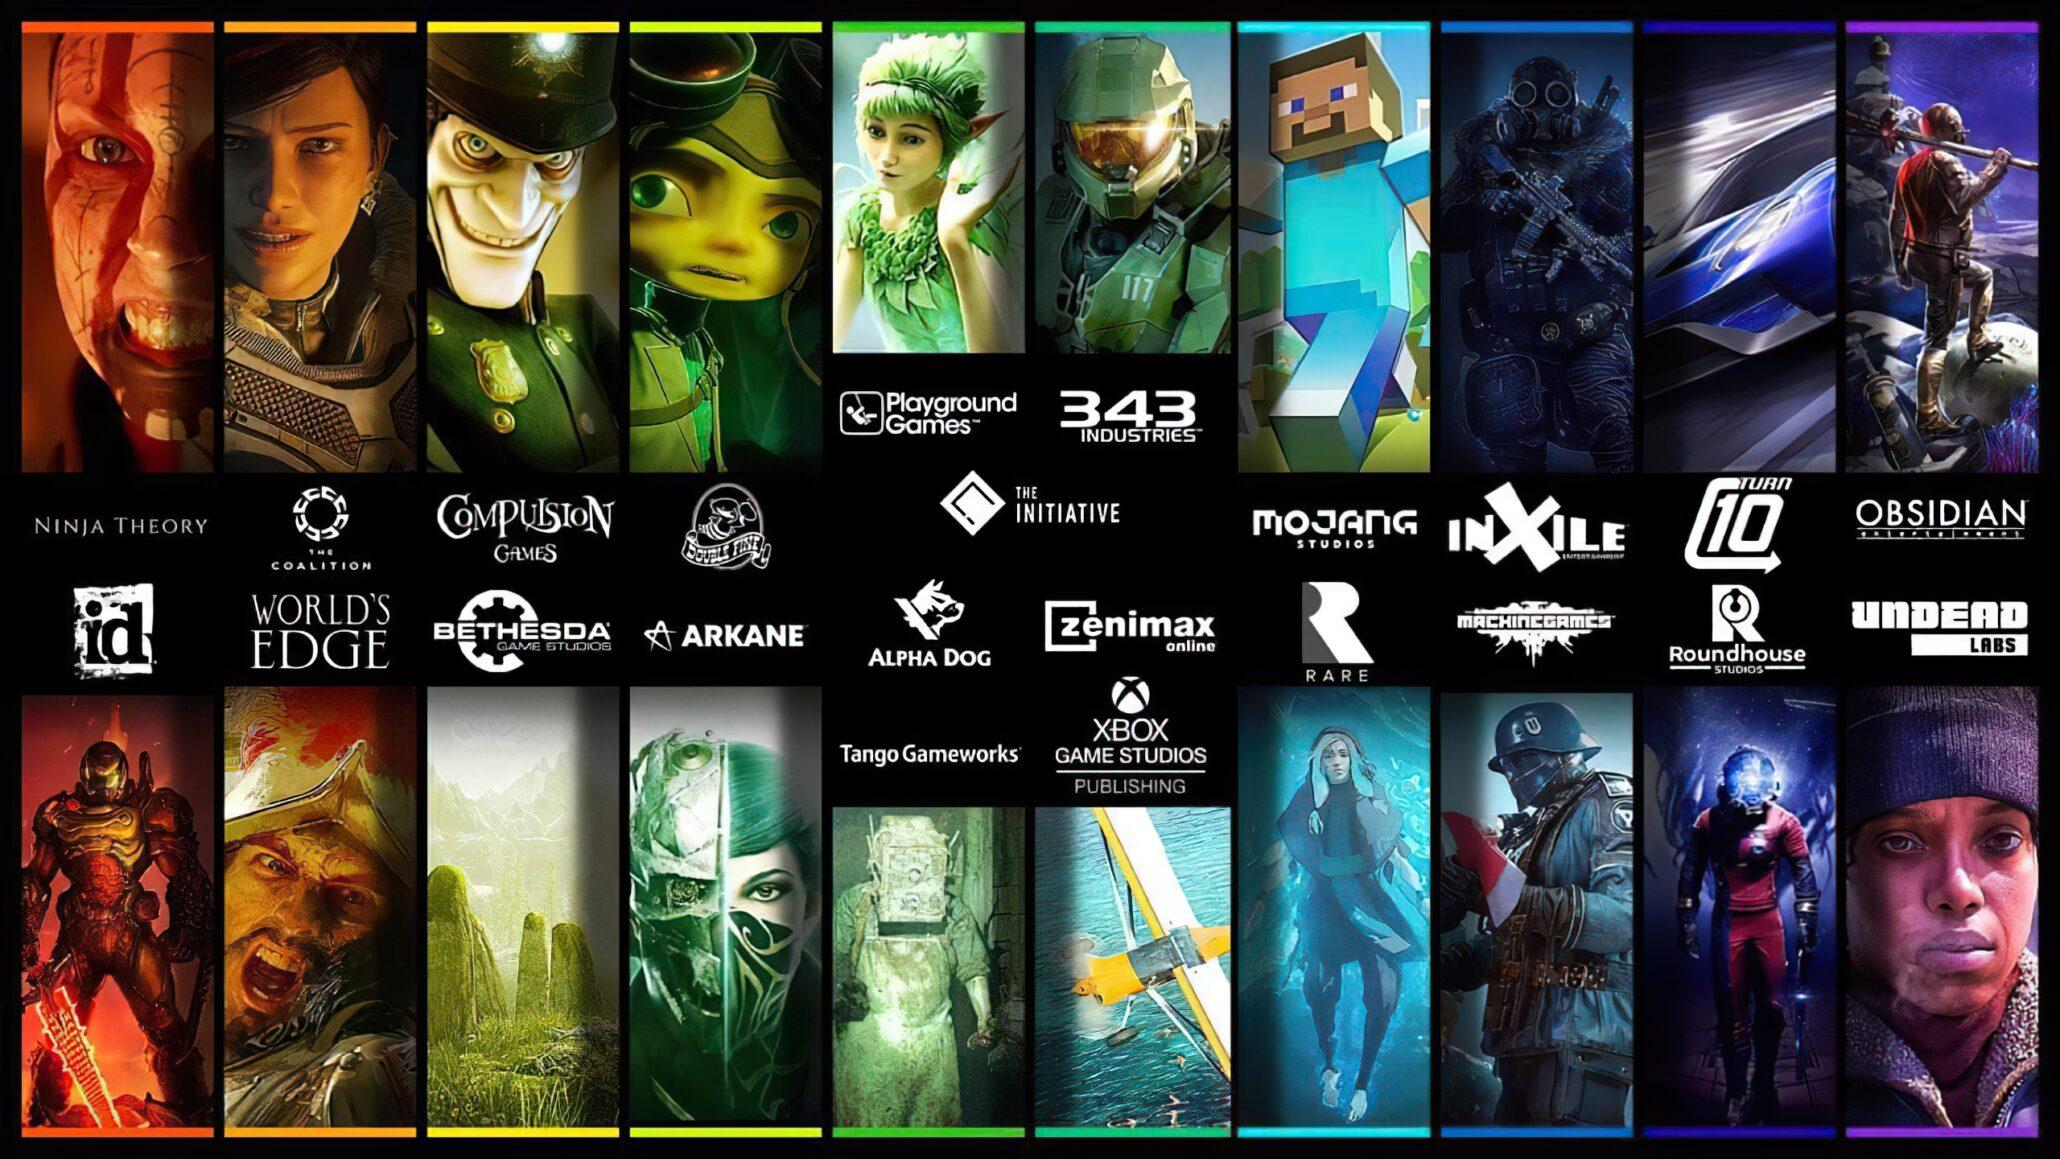 Xbox老大:希望第一方工作室能推出更多单机游戏